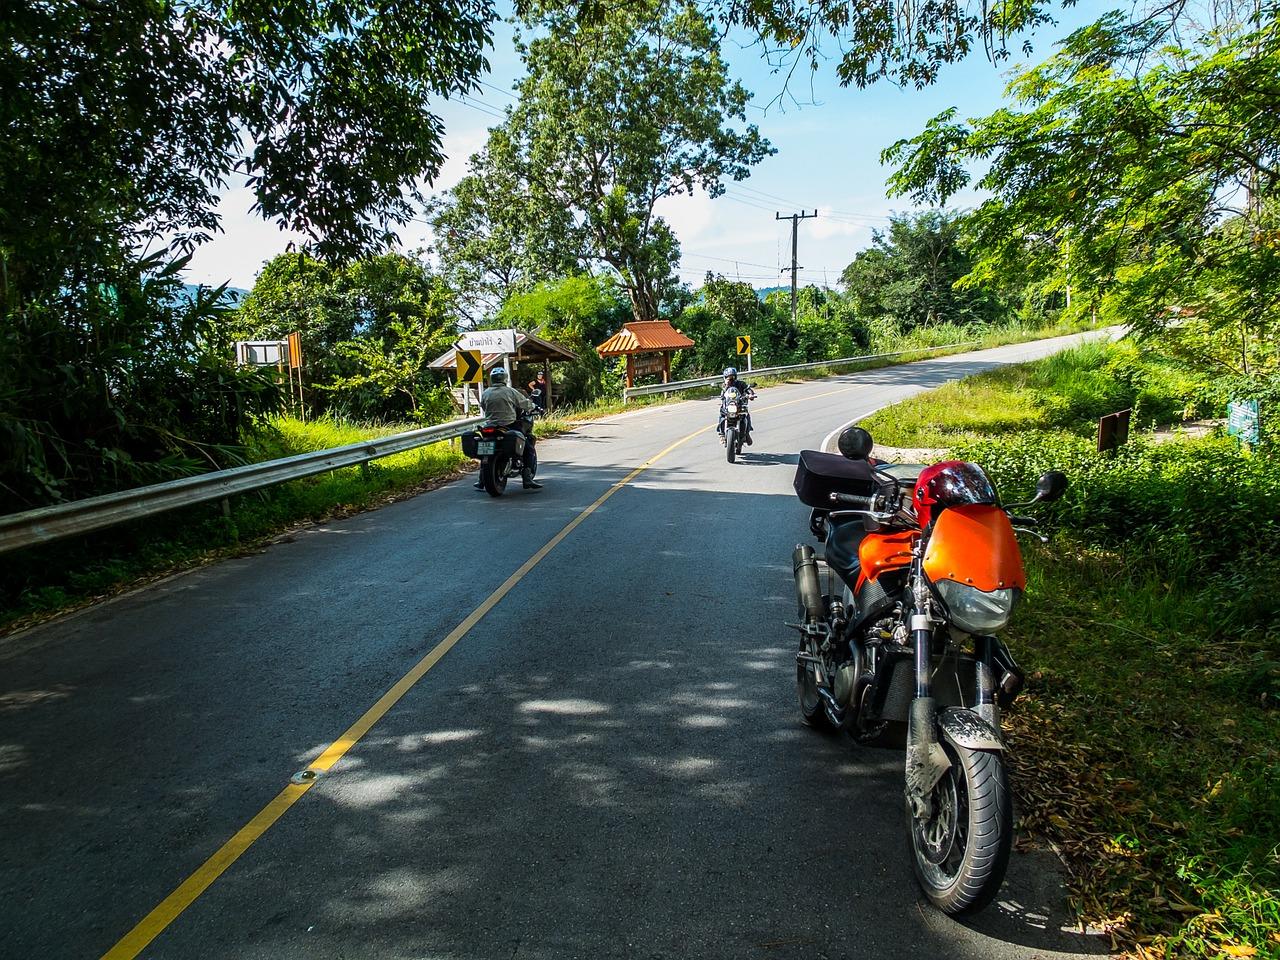 Mit dem Bike unterwegs: Tankrucksack oder Satteltasche?